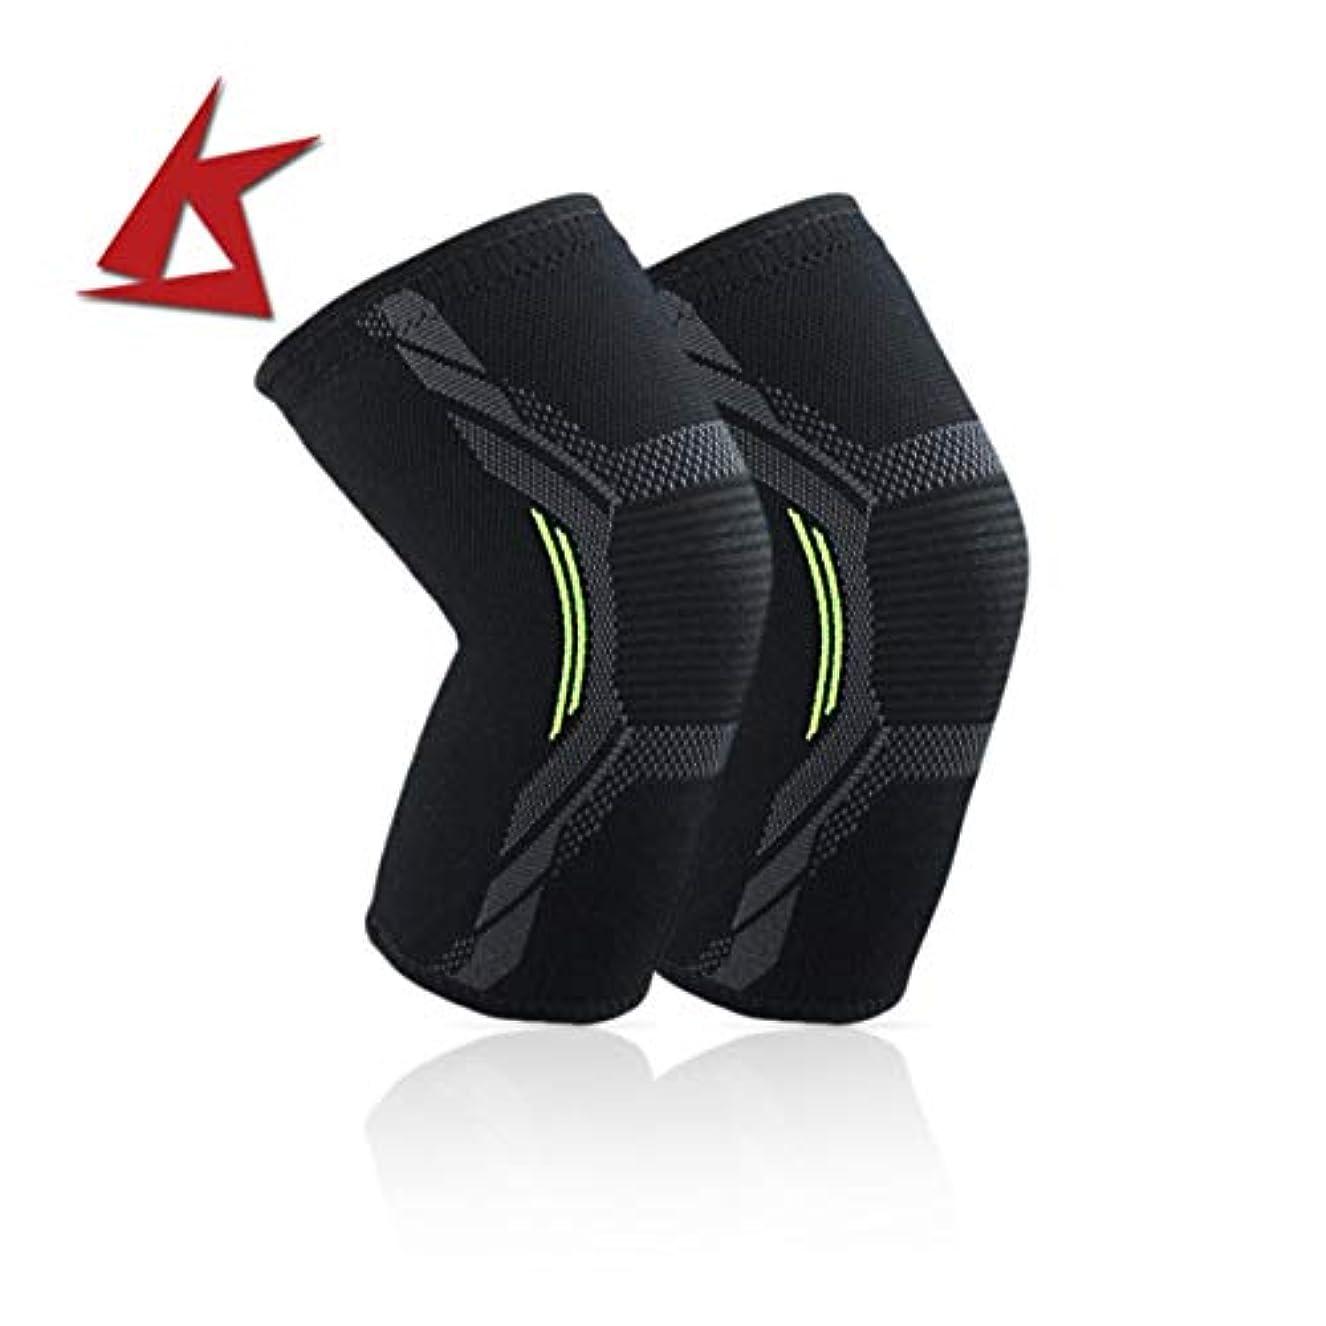 どこにでもどこ承知しましたニット膝パッド耐久性のあるナイロン膝ブレーススポーツ保護パッド超薄型膝サポート安全膝パッド - ブラックL